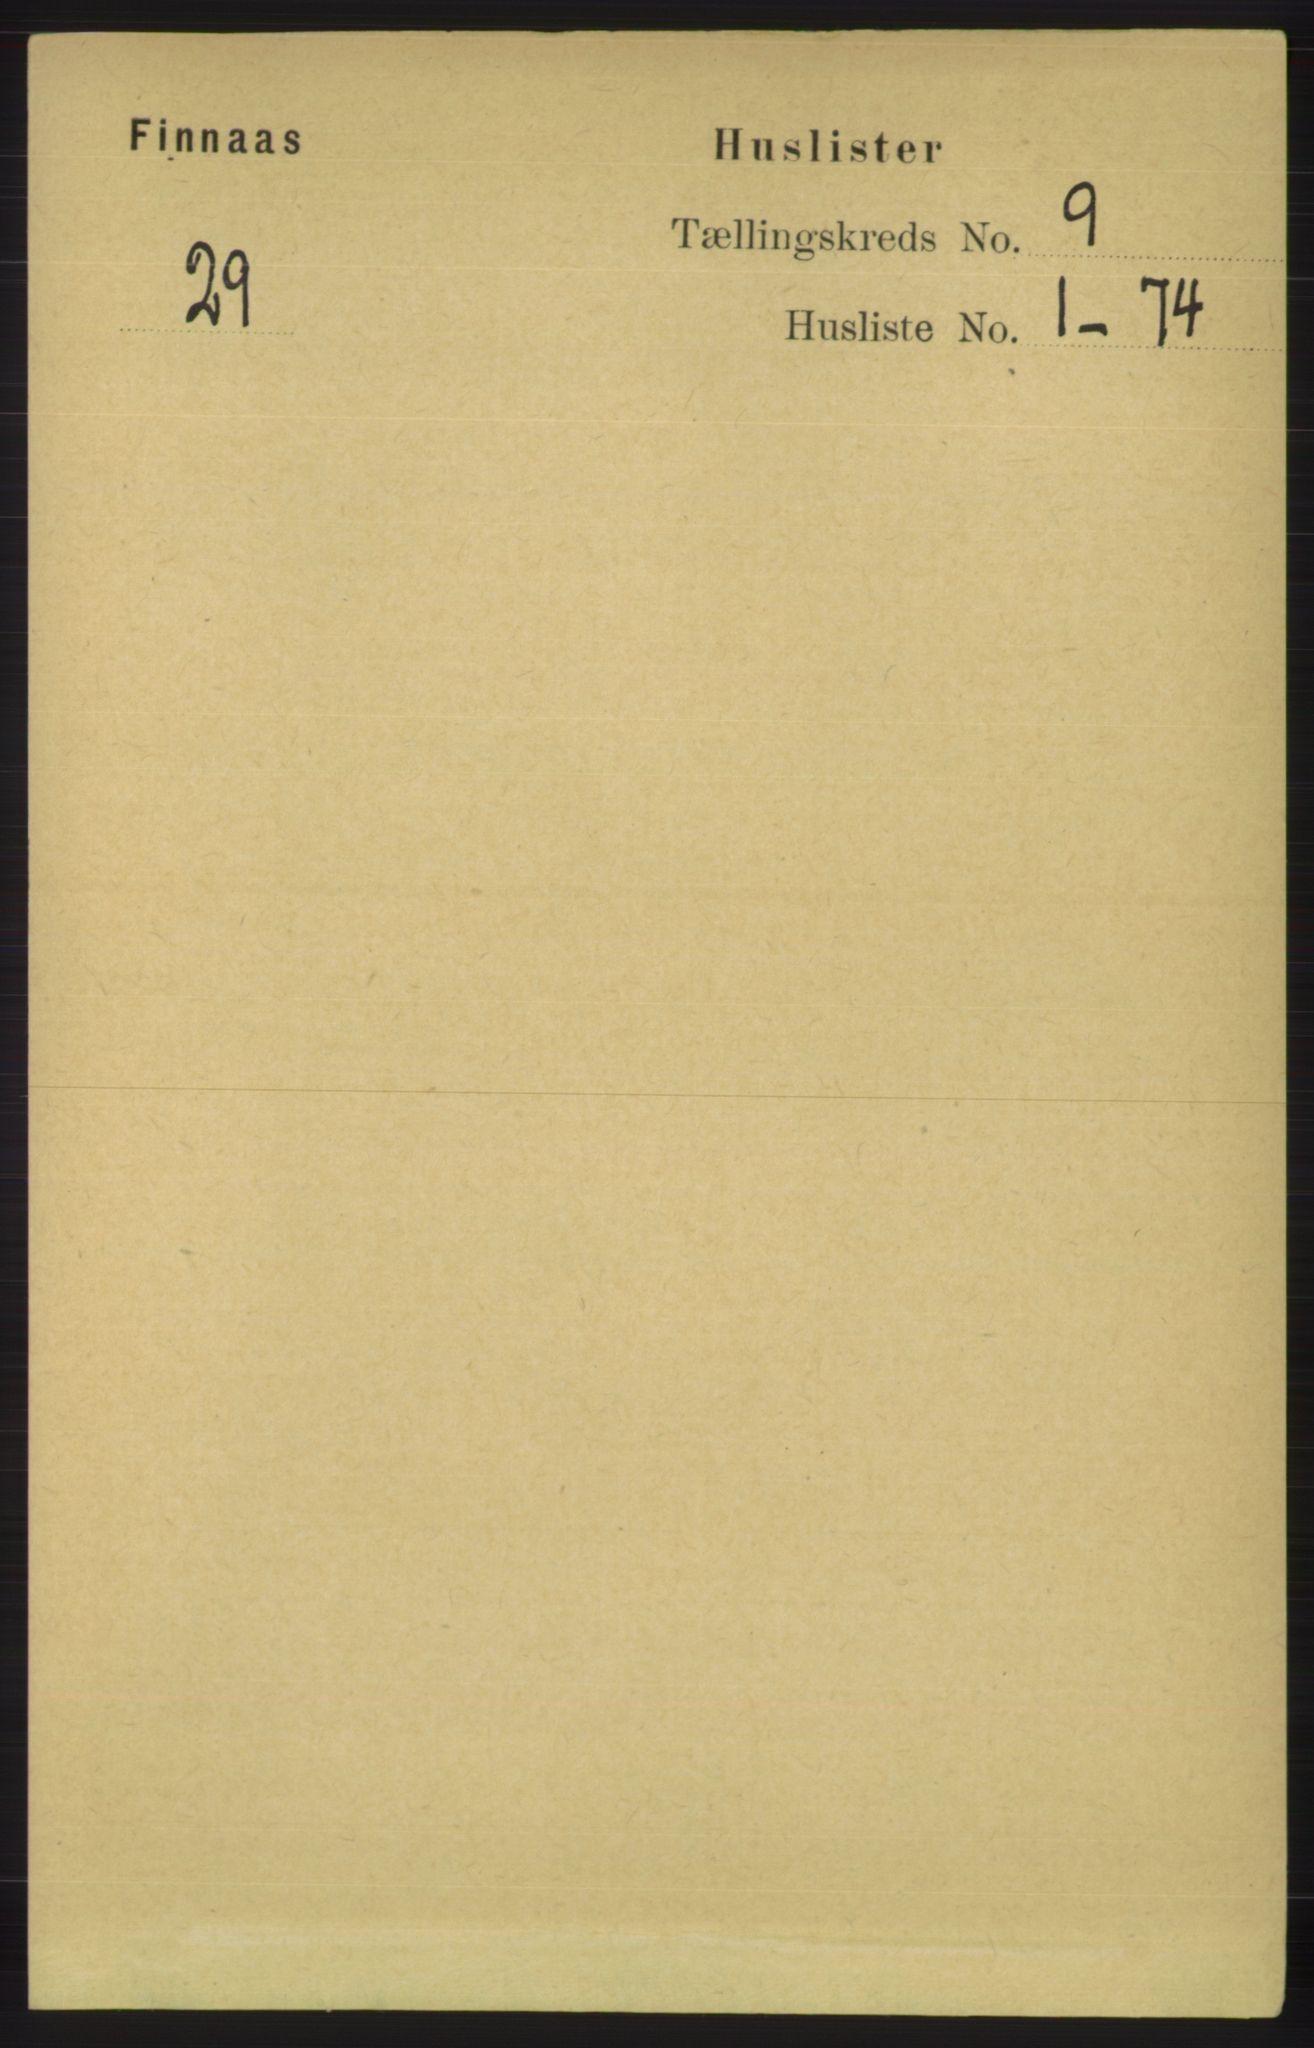 RA, Folketelling 1891 for 1218 Finnås herred, 1891, s. 3855